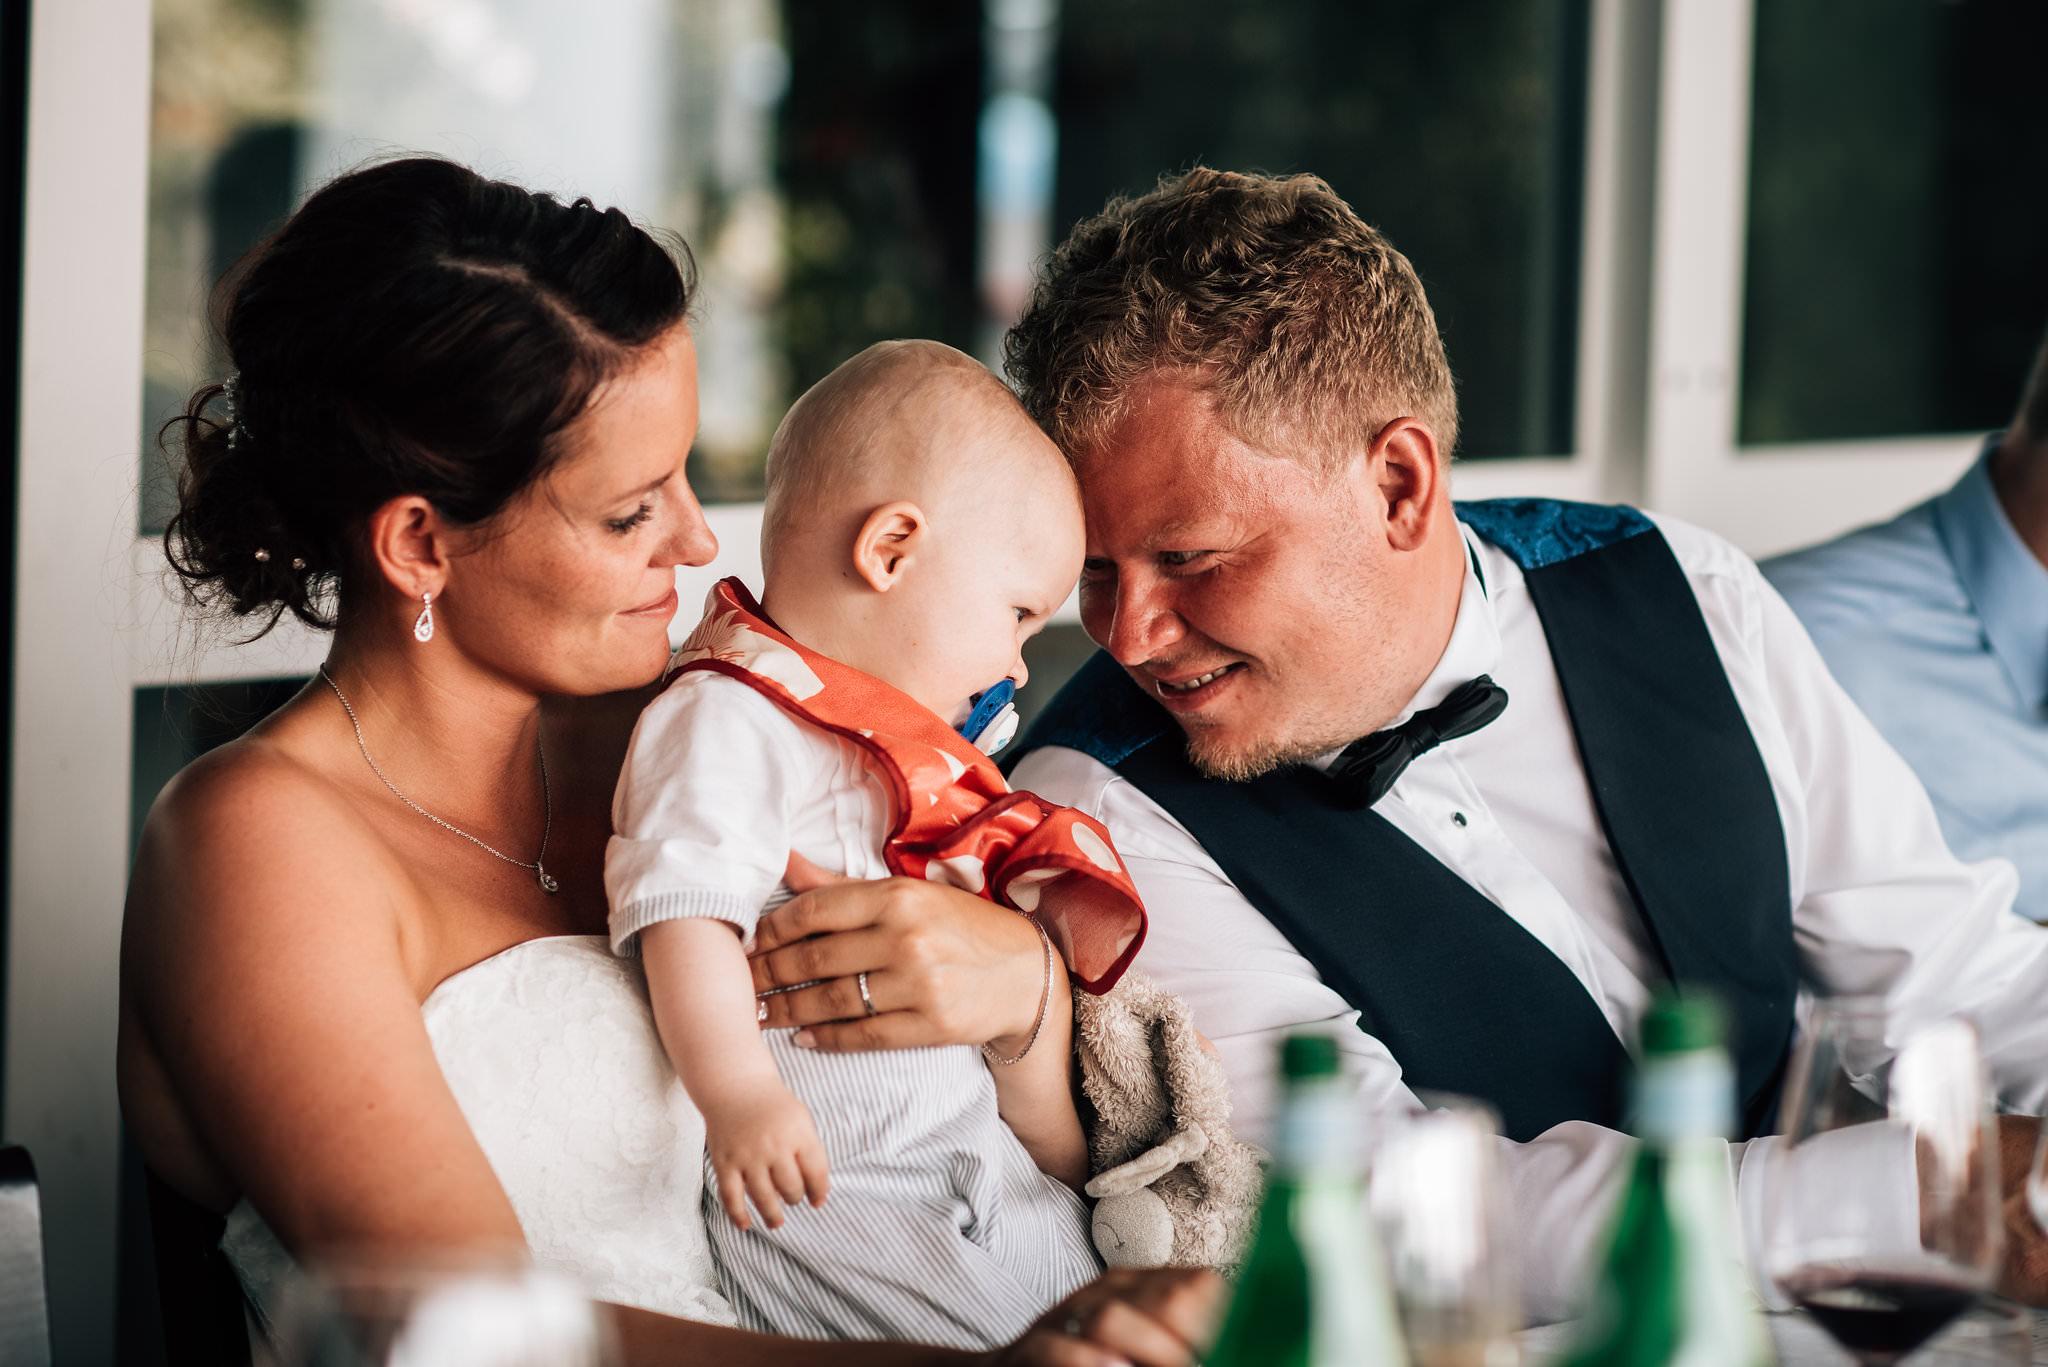 _N855190-fotograf-italia-bryllup.jpg